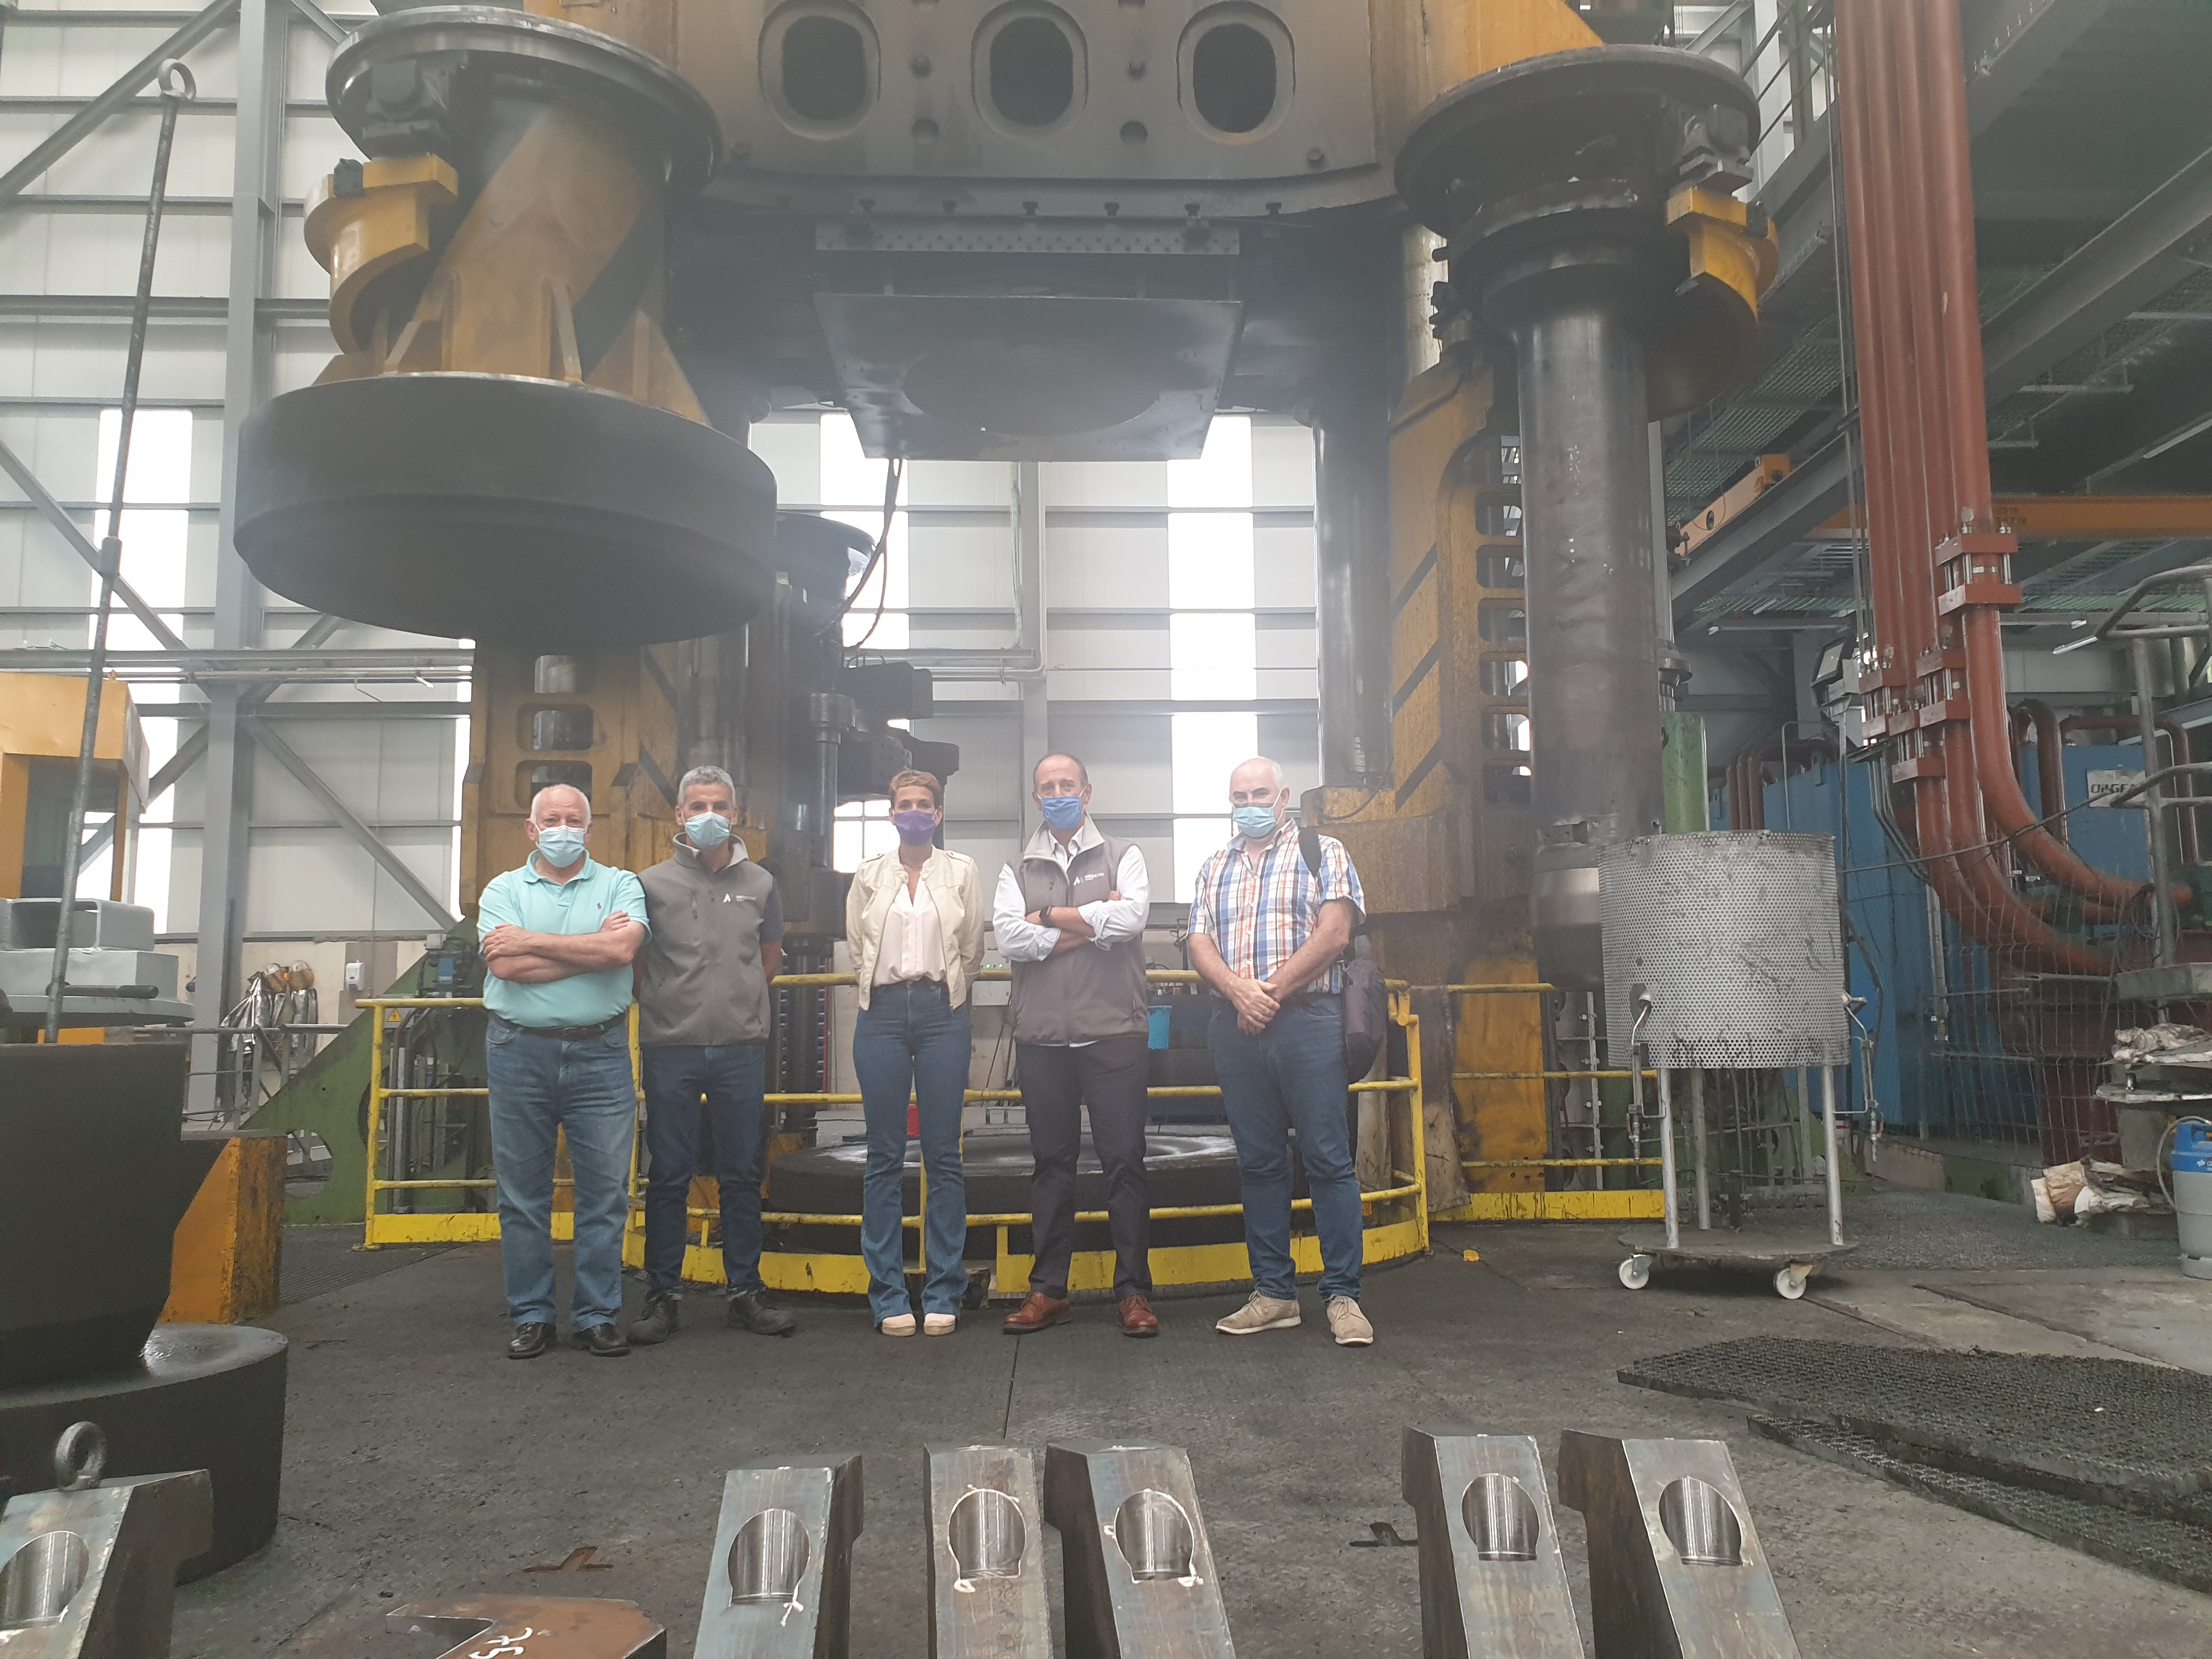 Lekort creará 23 nuevos puestos de trabajo en Lekunberri con producción de ejes de aerogeneradores